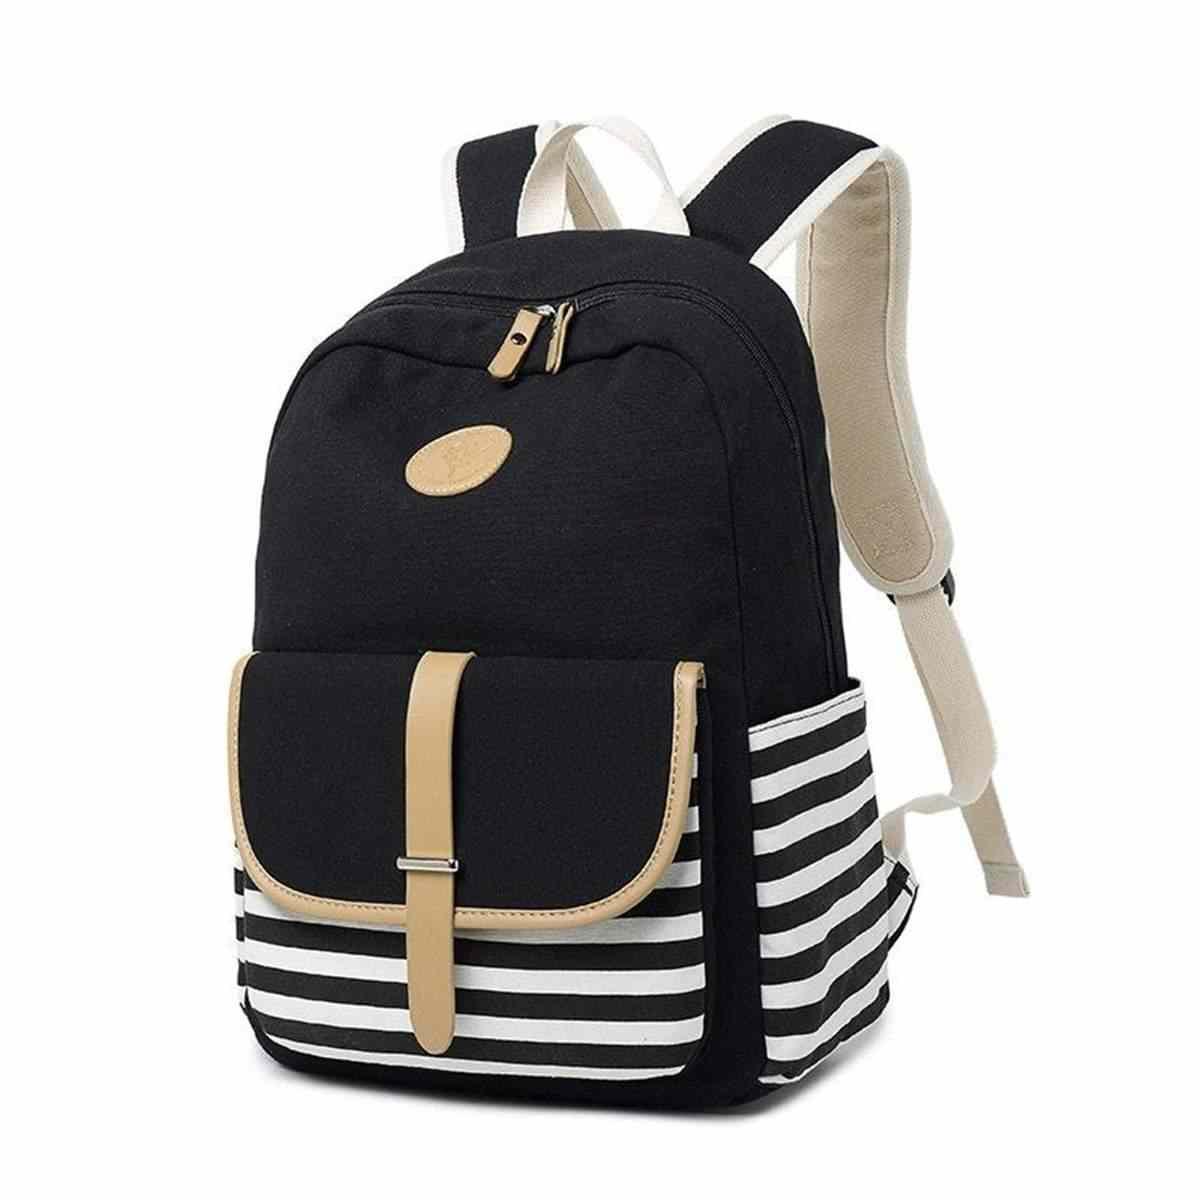 3 шт. набор рюкзаков женские сумки на плечо холщовые Школьные Сумки подростковая Студенческая сумка для книг полосатые сумки через плечо дорожная сумка